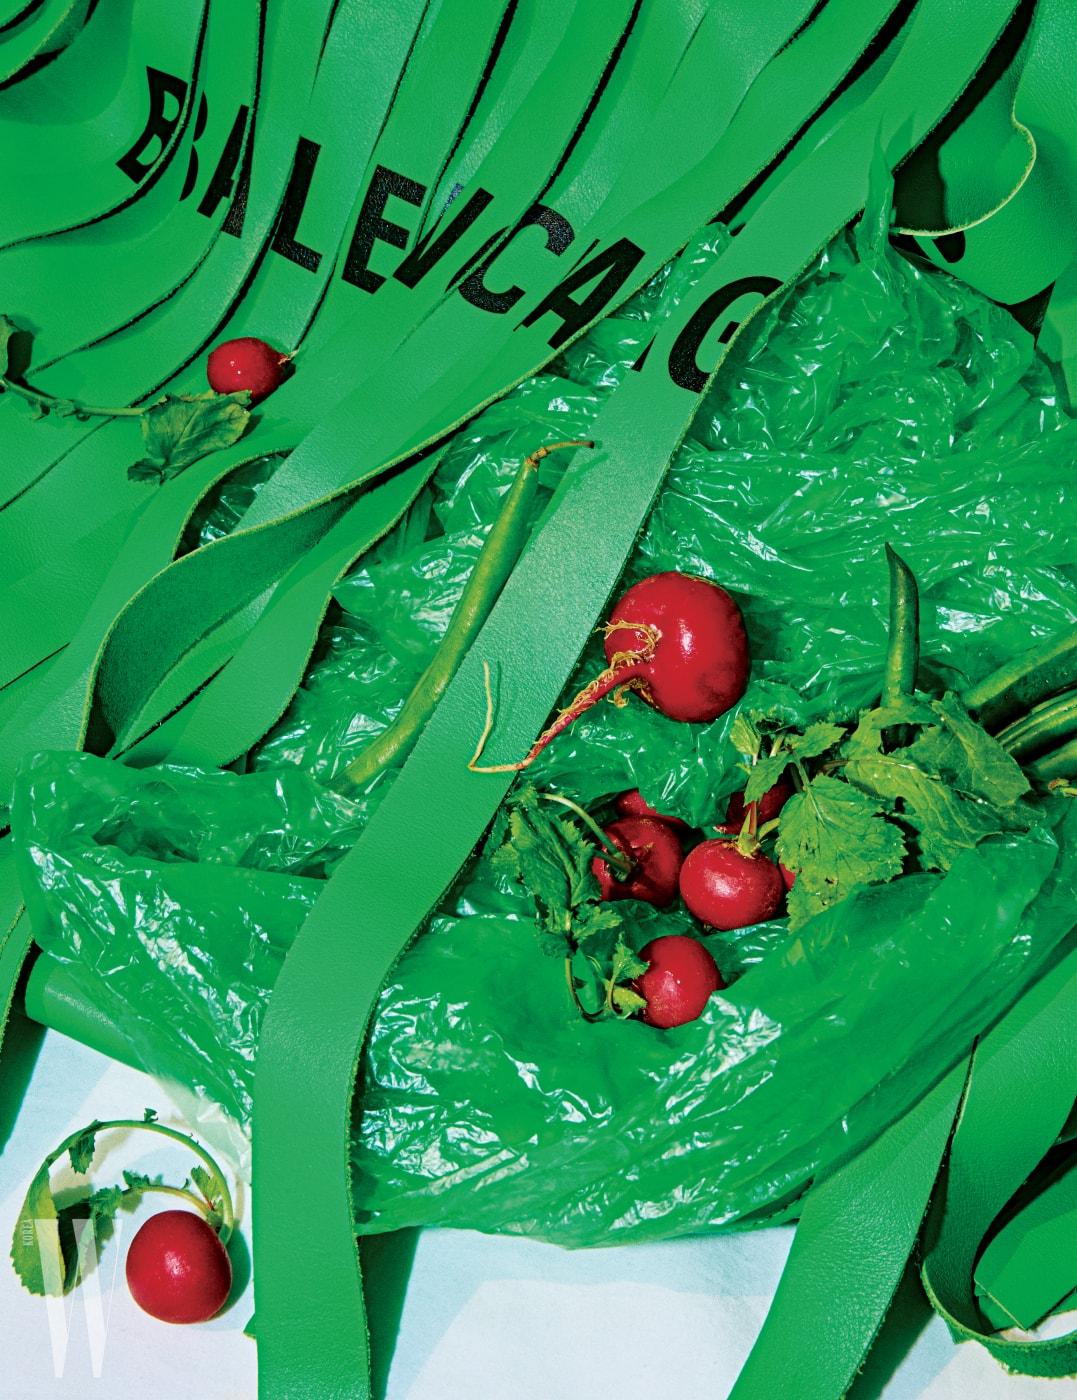 강렬한 초록빛을 머금은 오버사이즈 프린지 장식이 독특한 '런드리 백'은 발렌시아가 제품. 가격 미정.